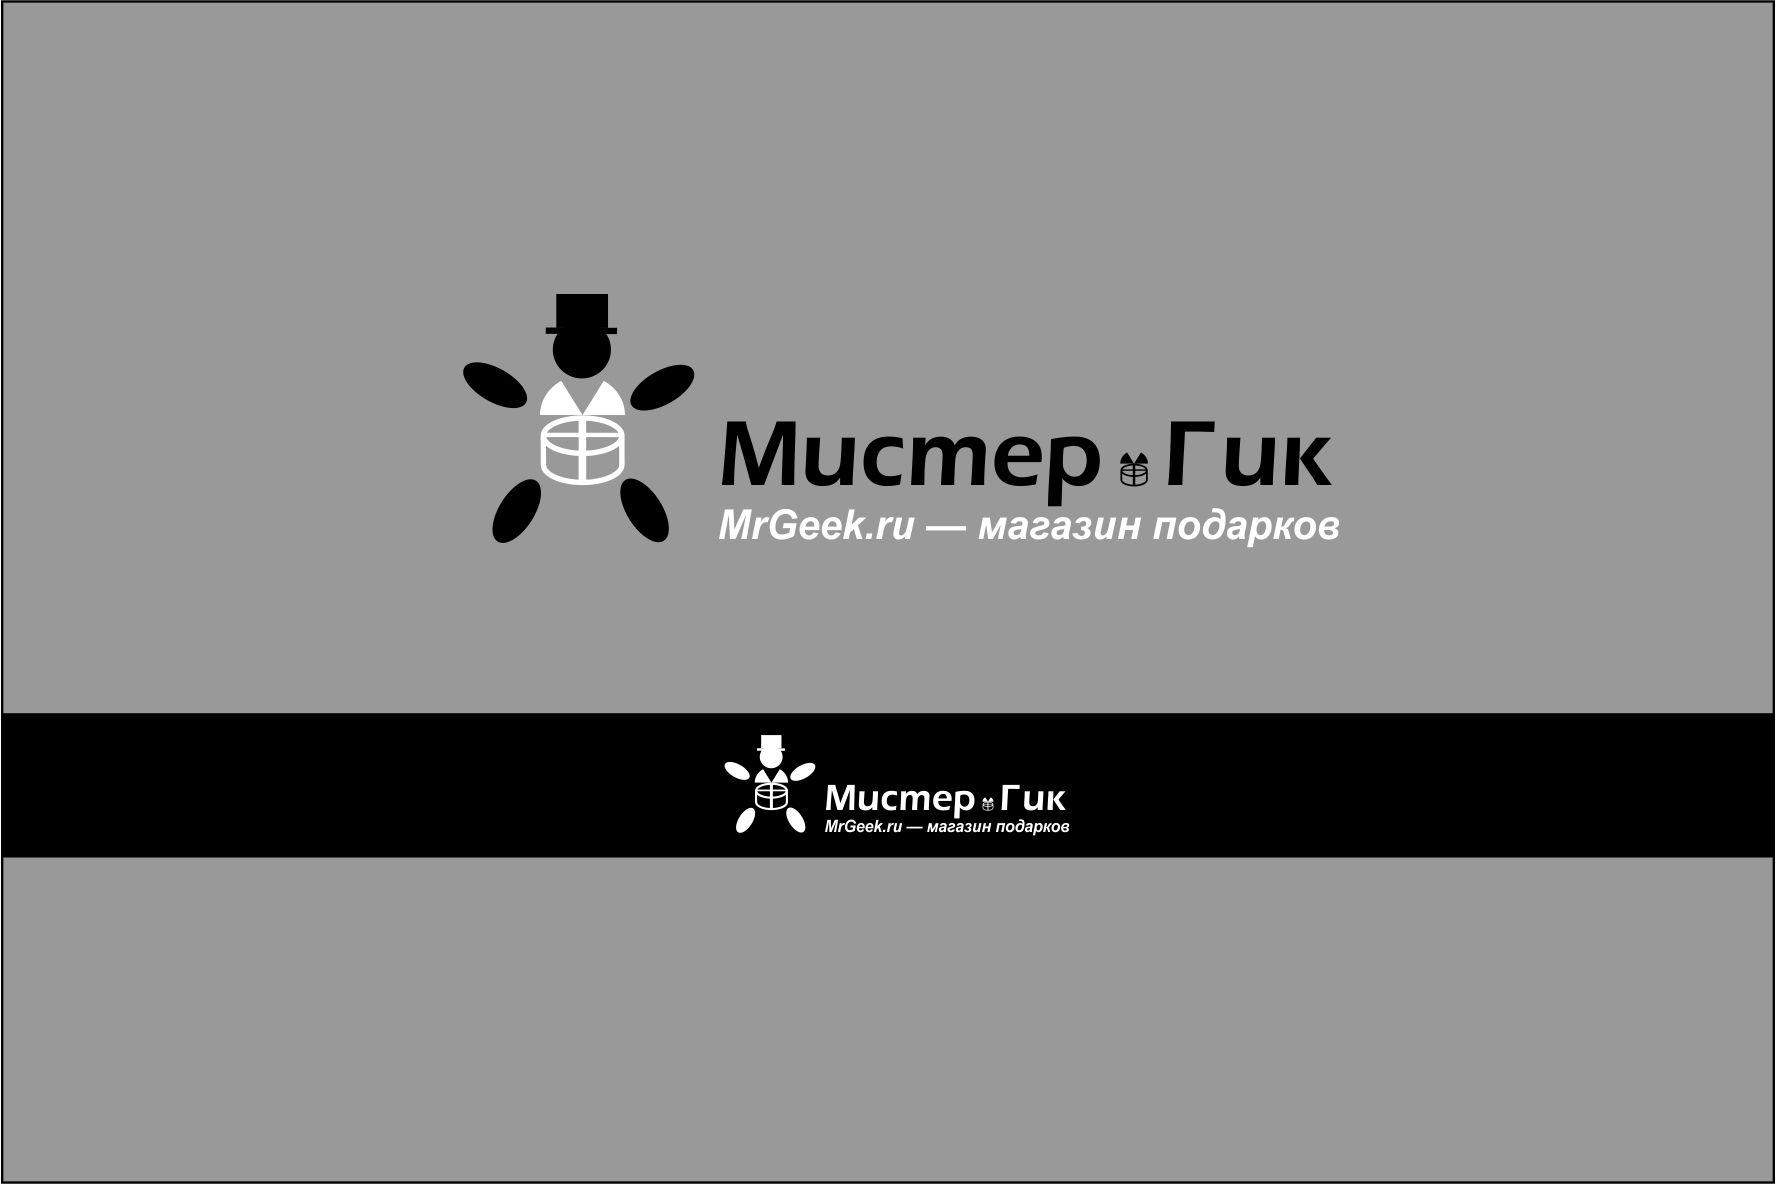 Логотип для магазина подарков - дизайнер AlexZab